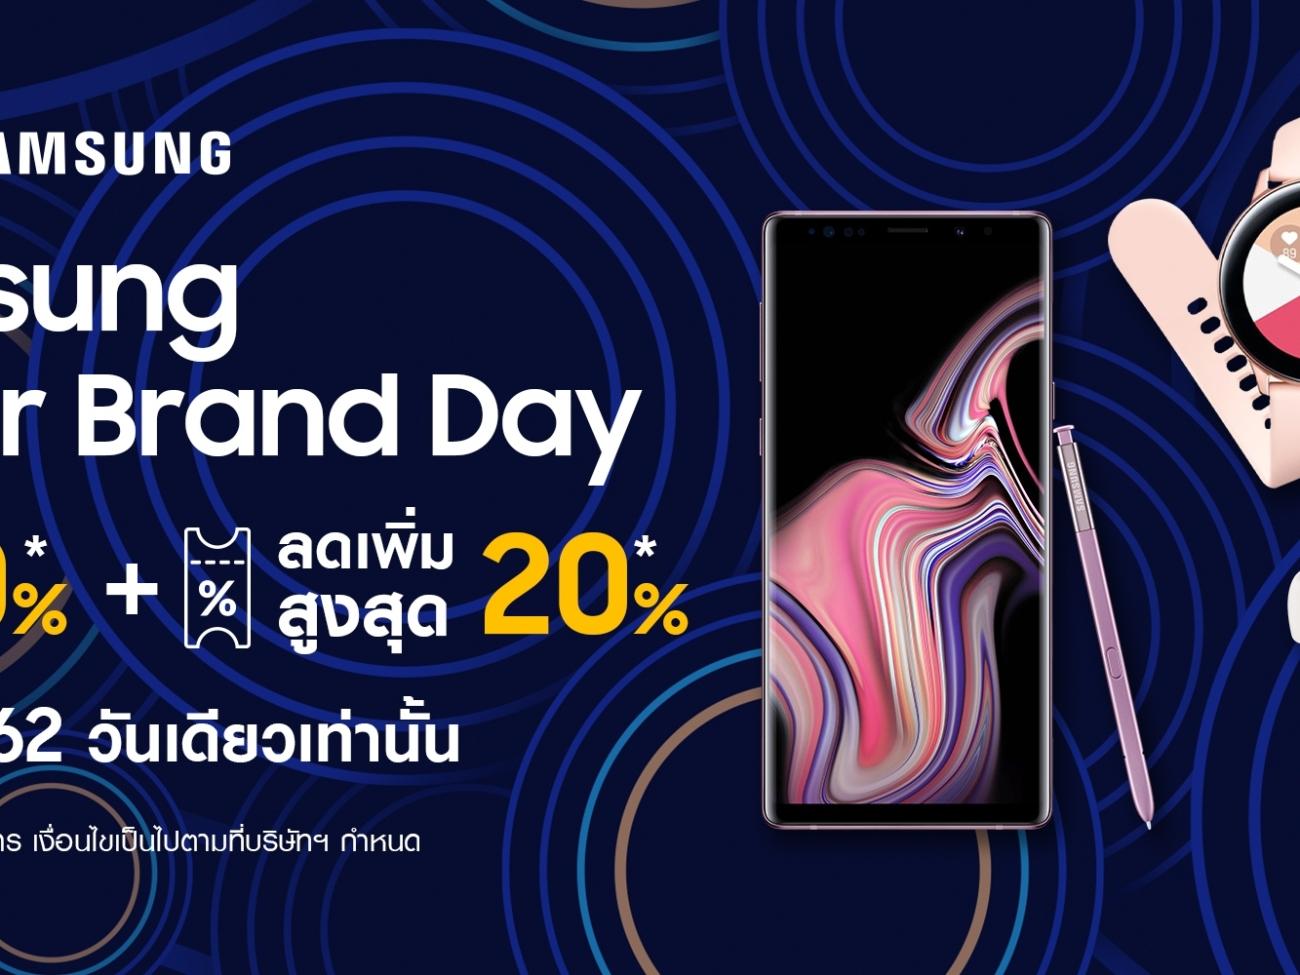 Samsung Super Brand Day.